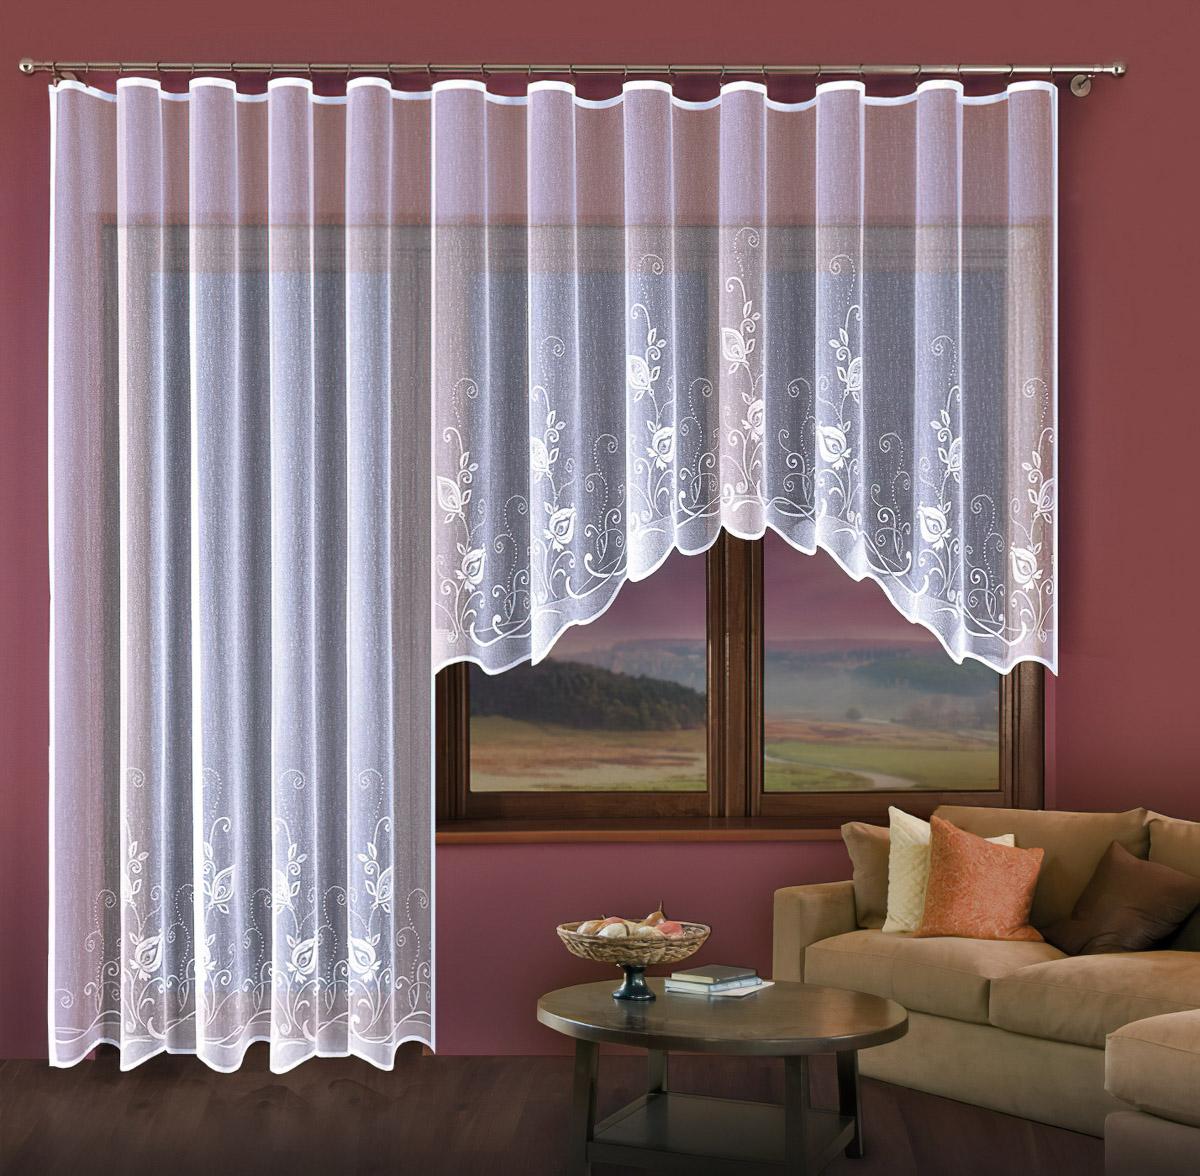 Forbyt kusová záclona PATRICIE jednobarevná bílá, výška 150 cm x šířka 300 cm (na okno)